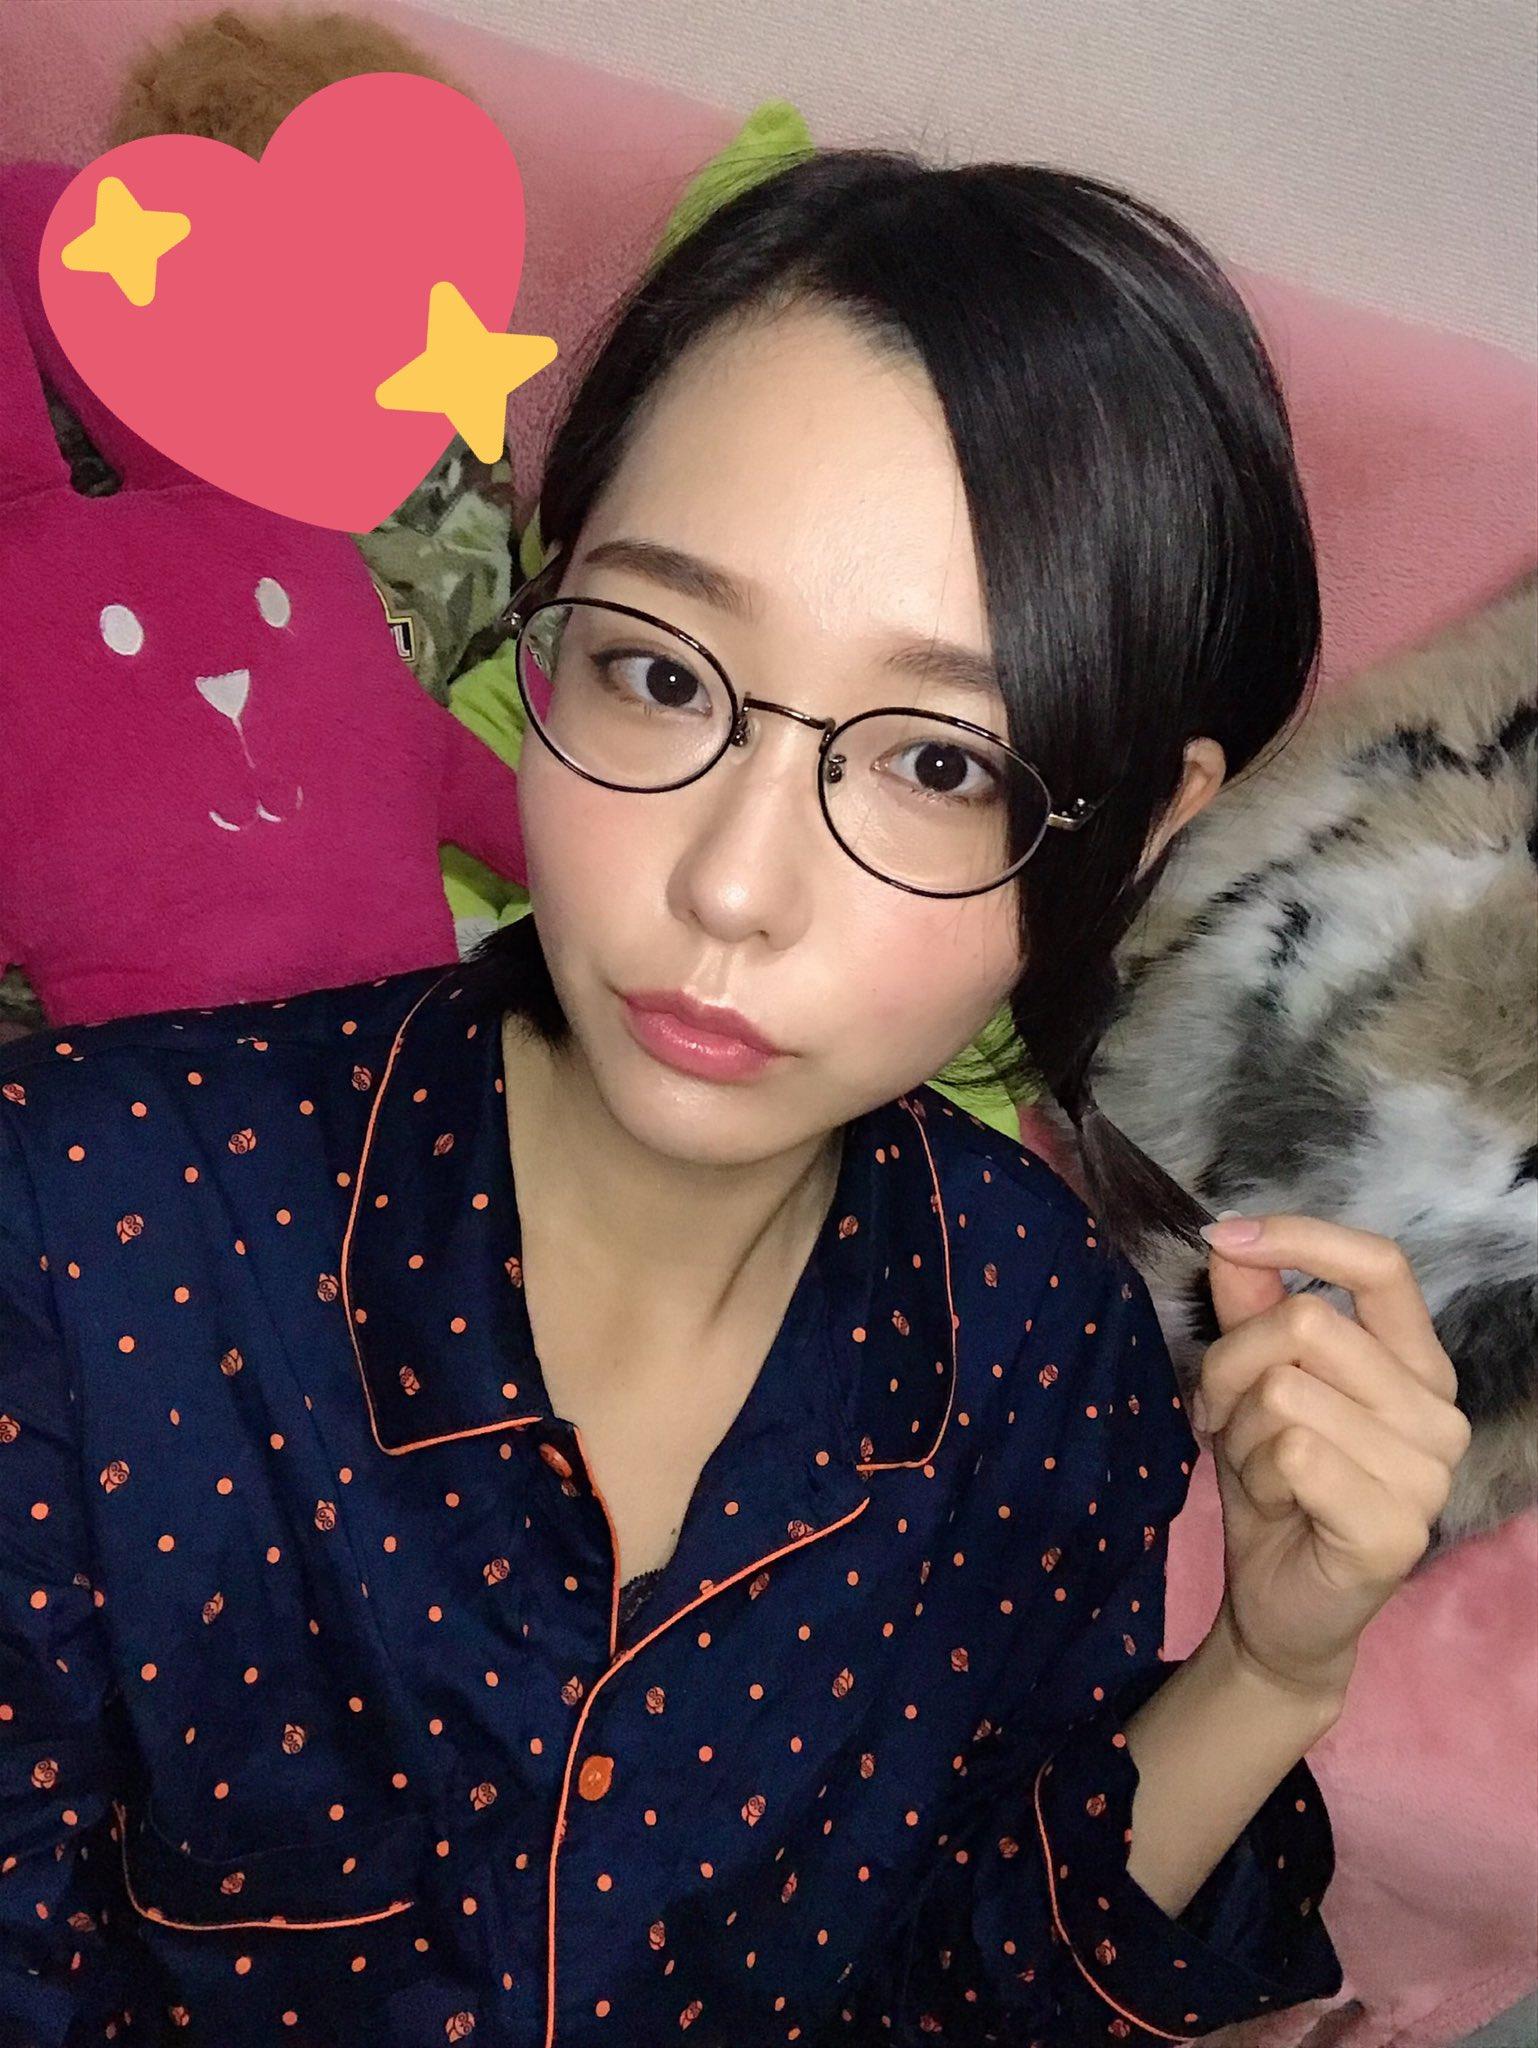 眼镜日 眼镜娘 ahekokoko0527 1179000012576980997_p2